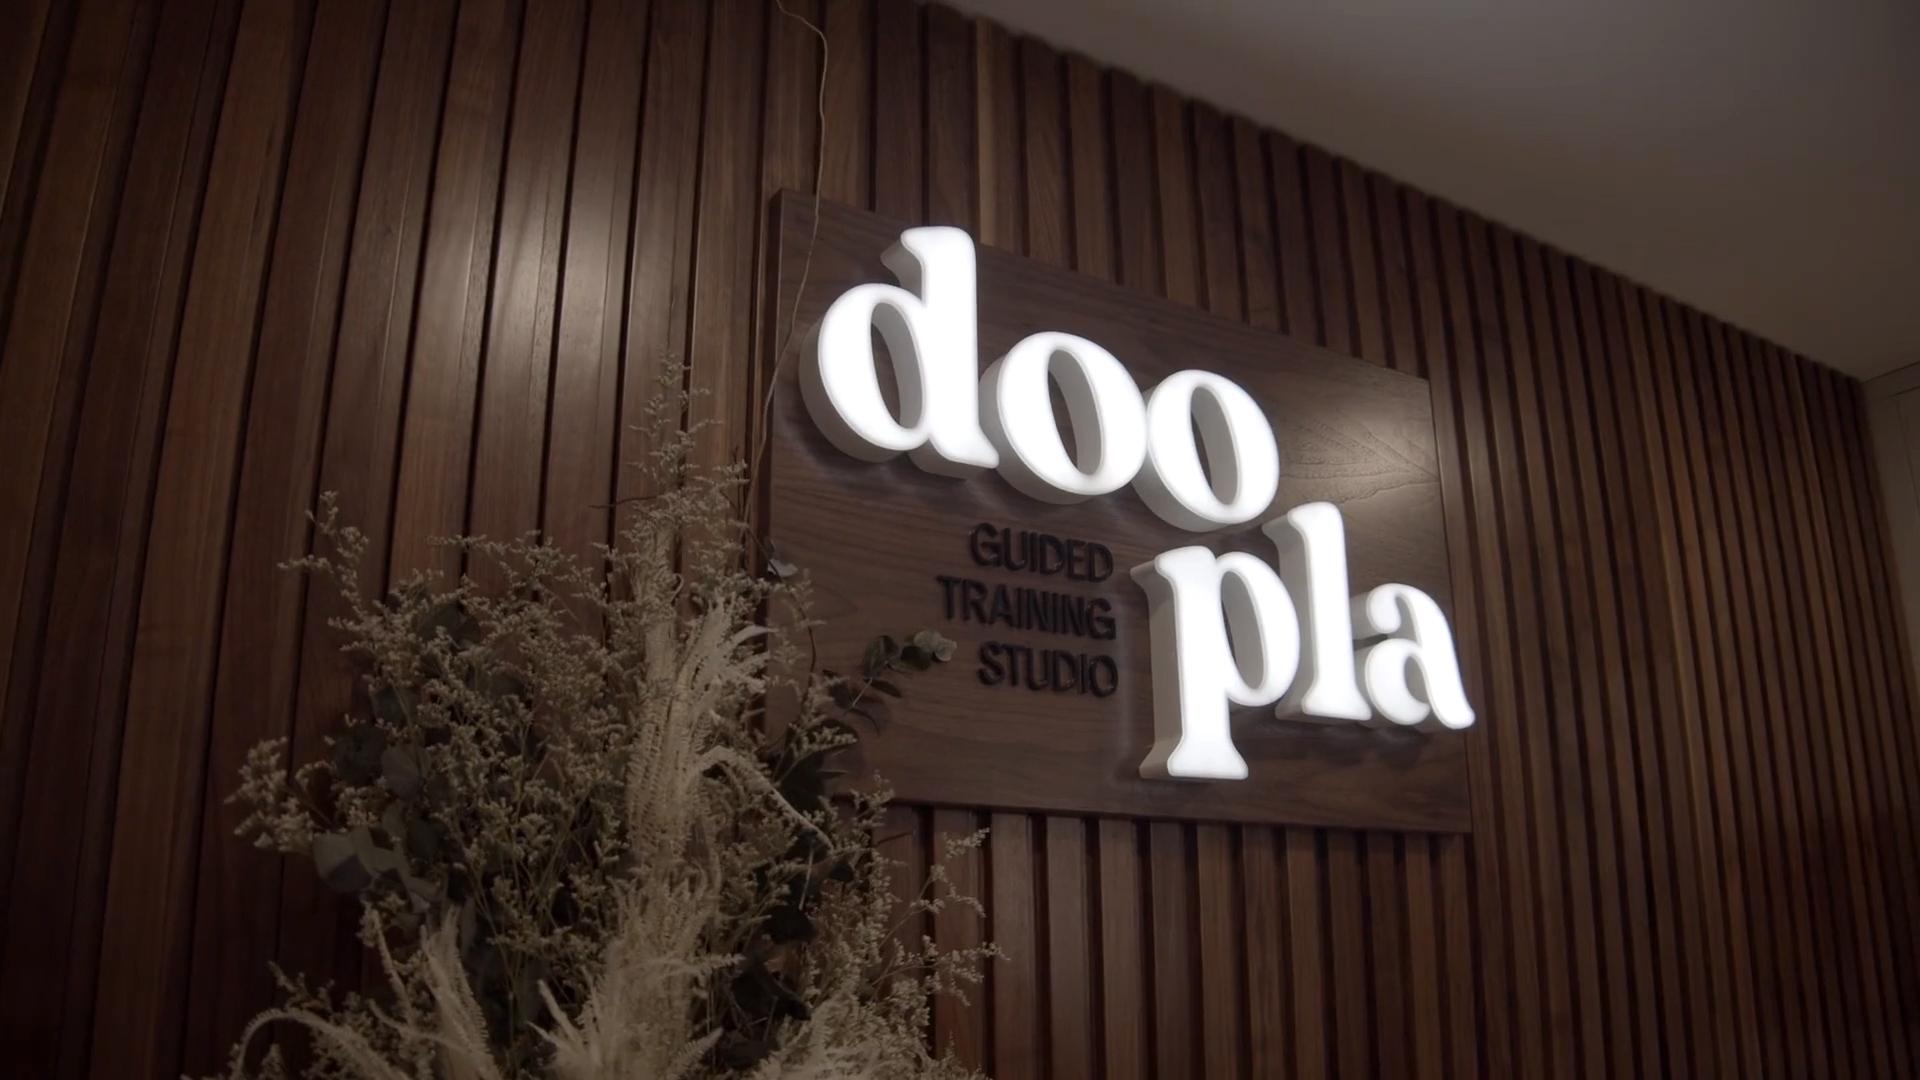 Doopla Studio